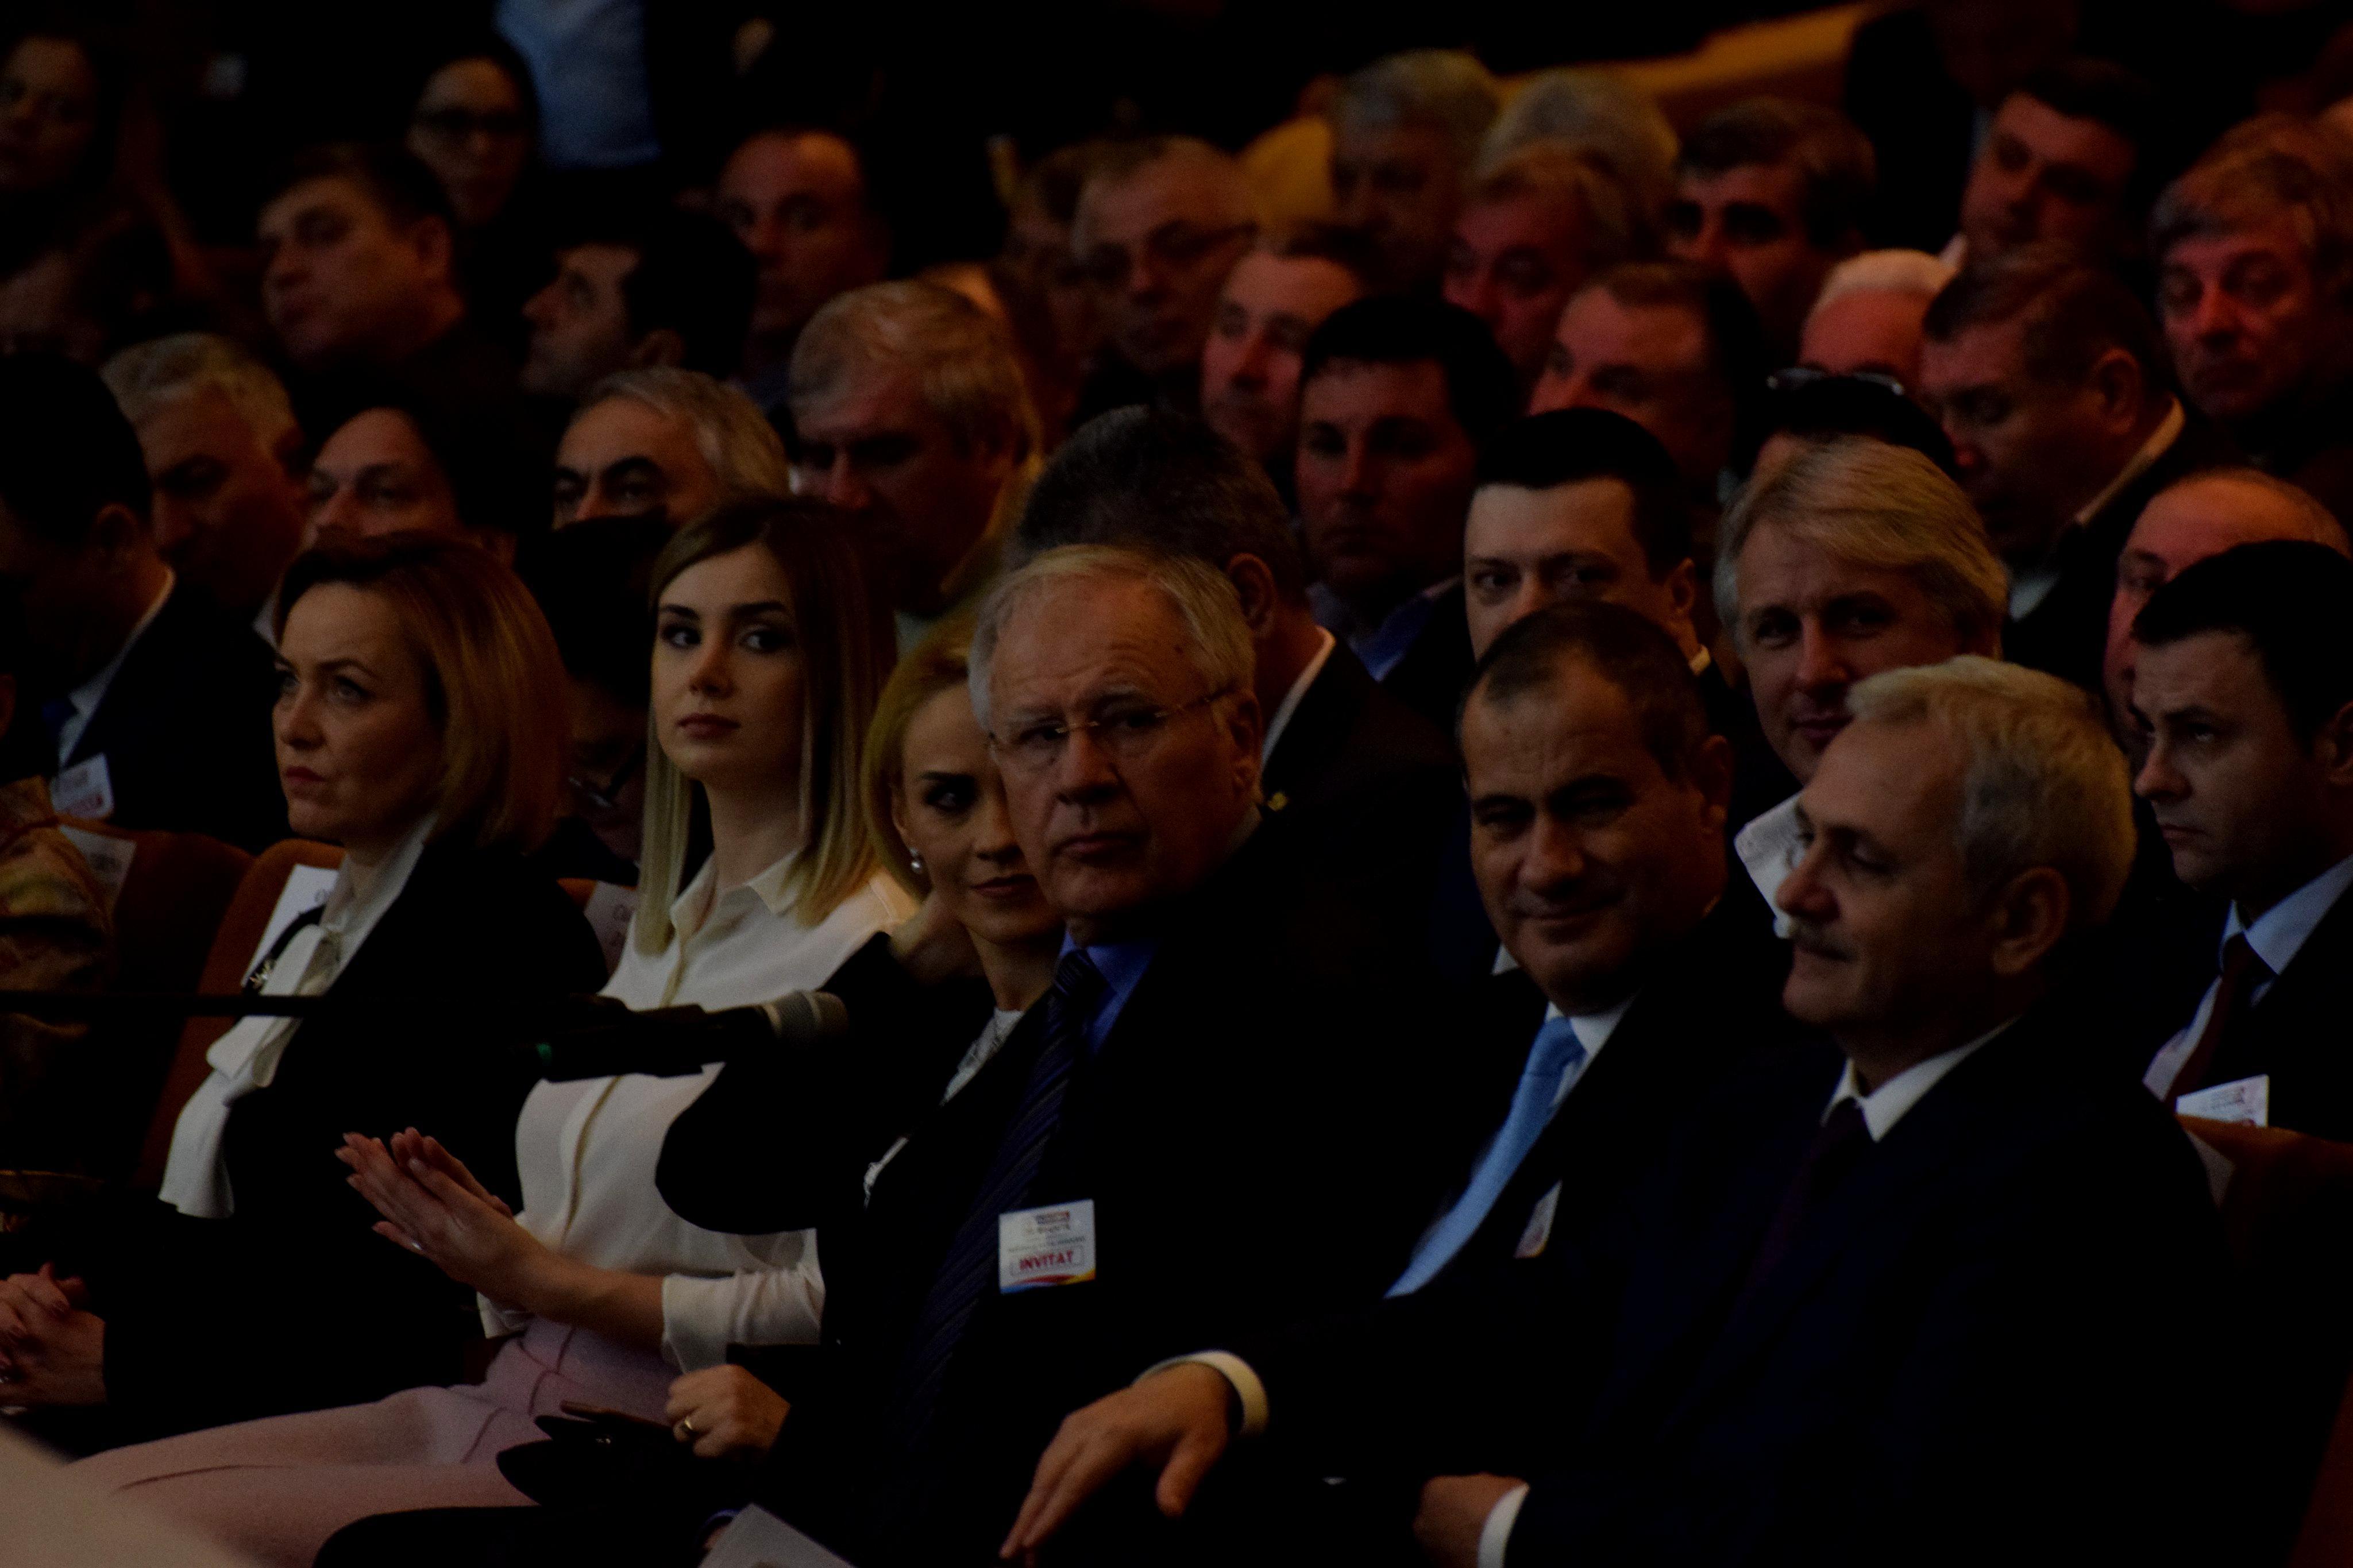 Iubita lui Liviu Dragnea a stat în primul rând la Congresul Extraordinar al PSD, alături de Gabriela Firea şi Carmen Dan